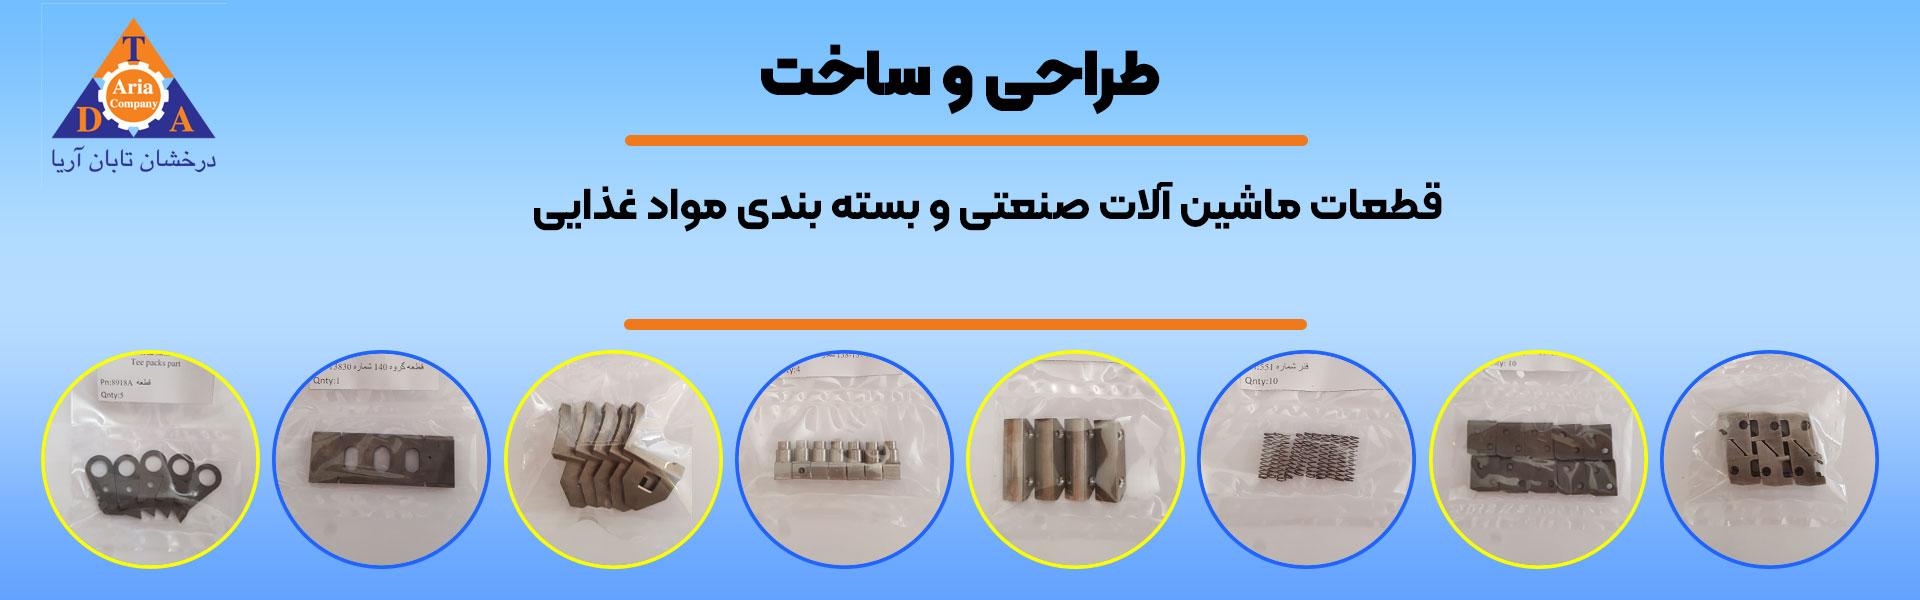 طراحی و ساخت قطعات ماشین آلات صنعتی